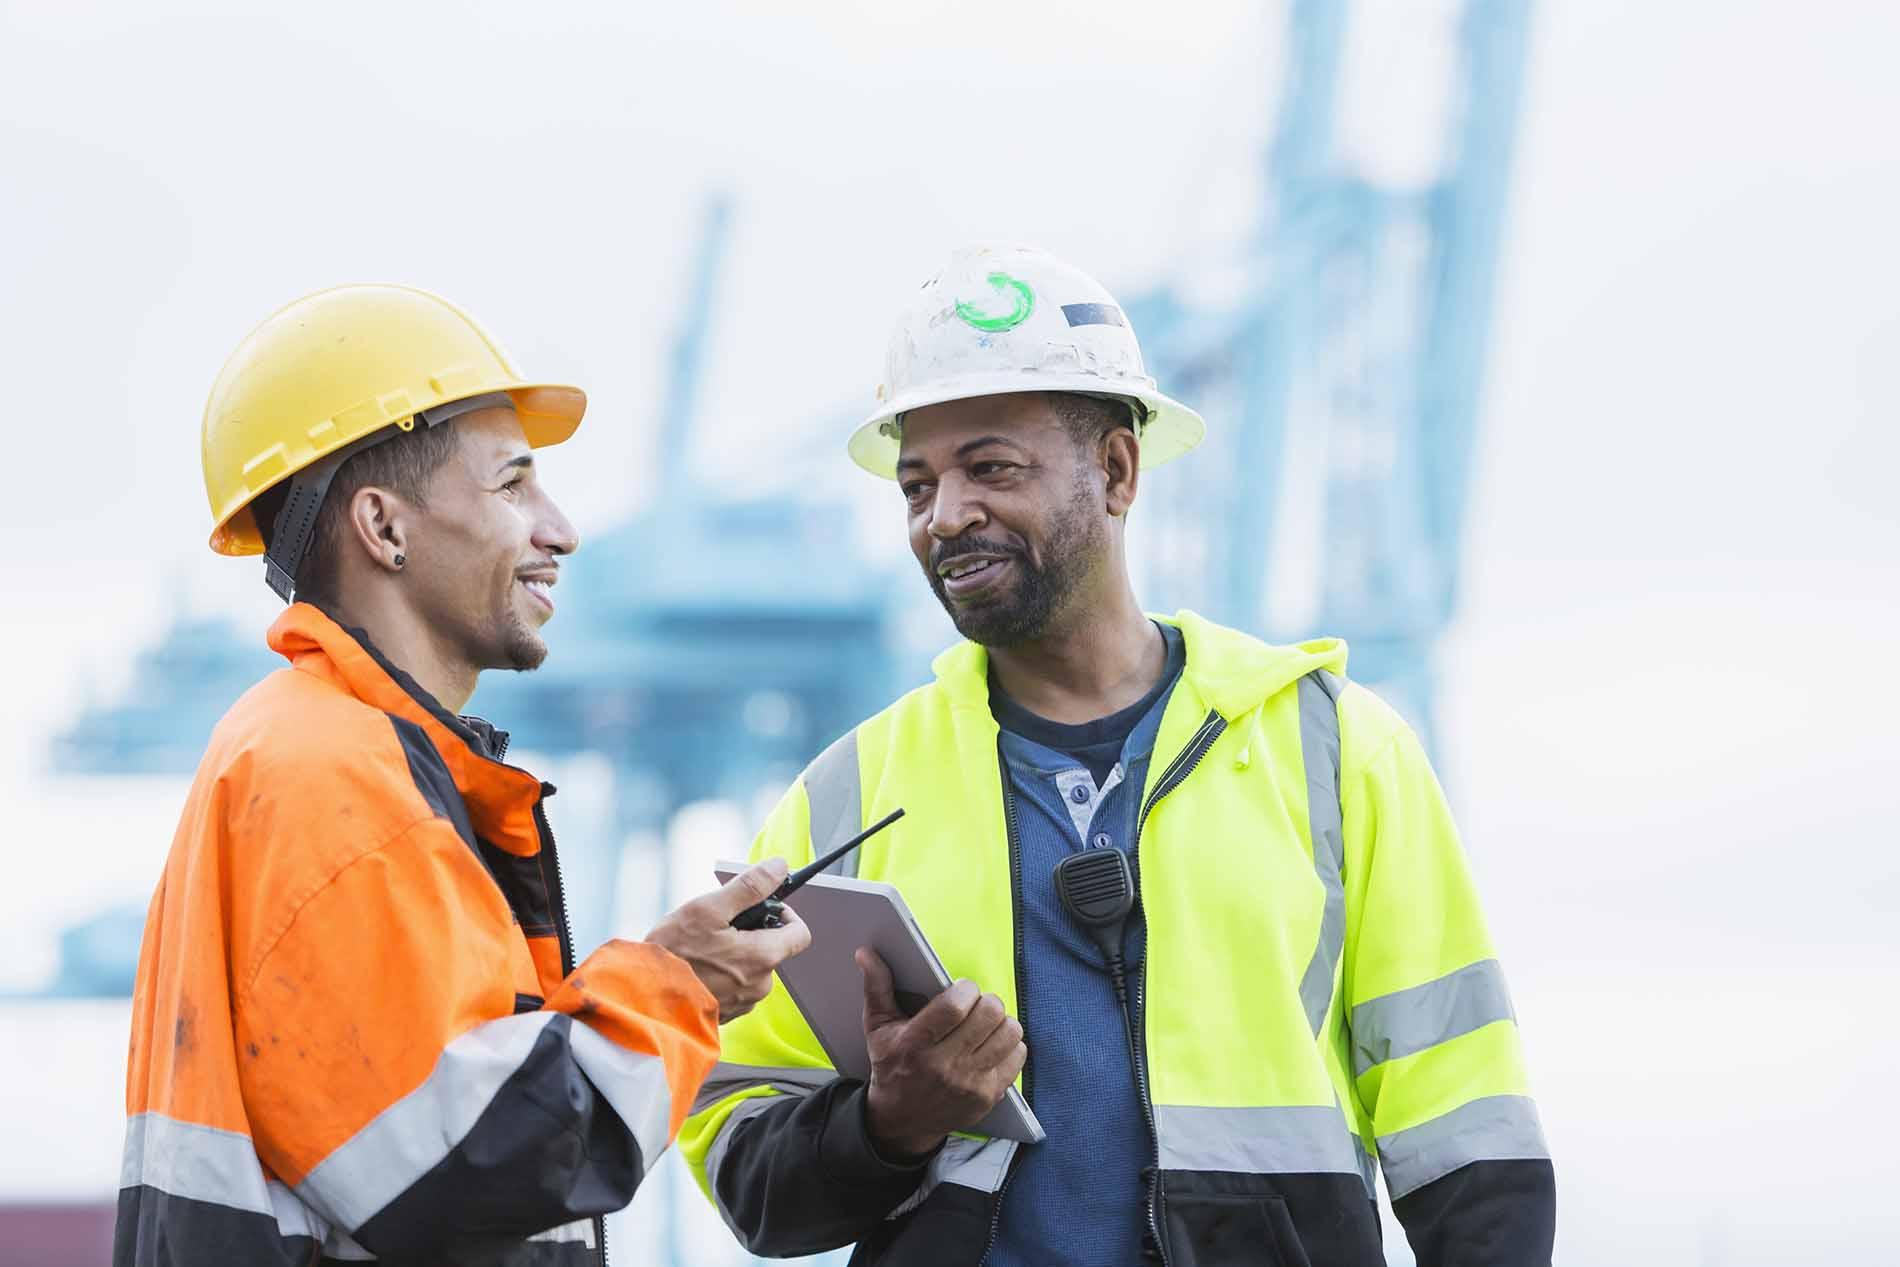 Workers in hard hats talking